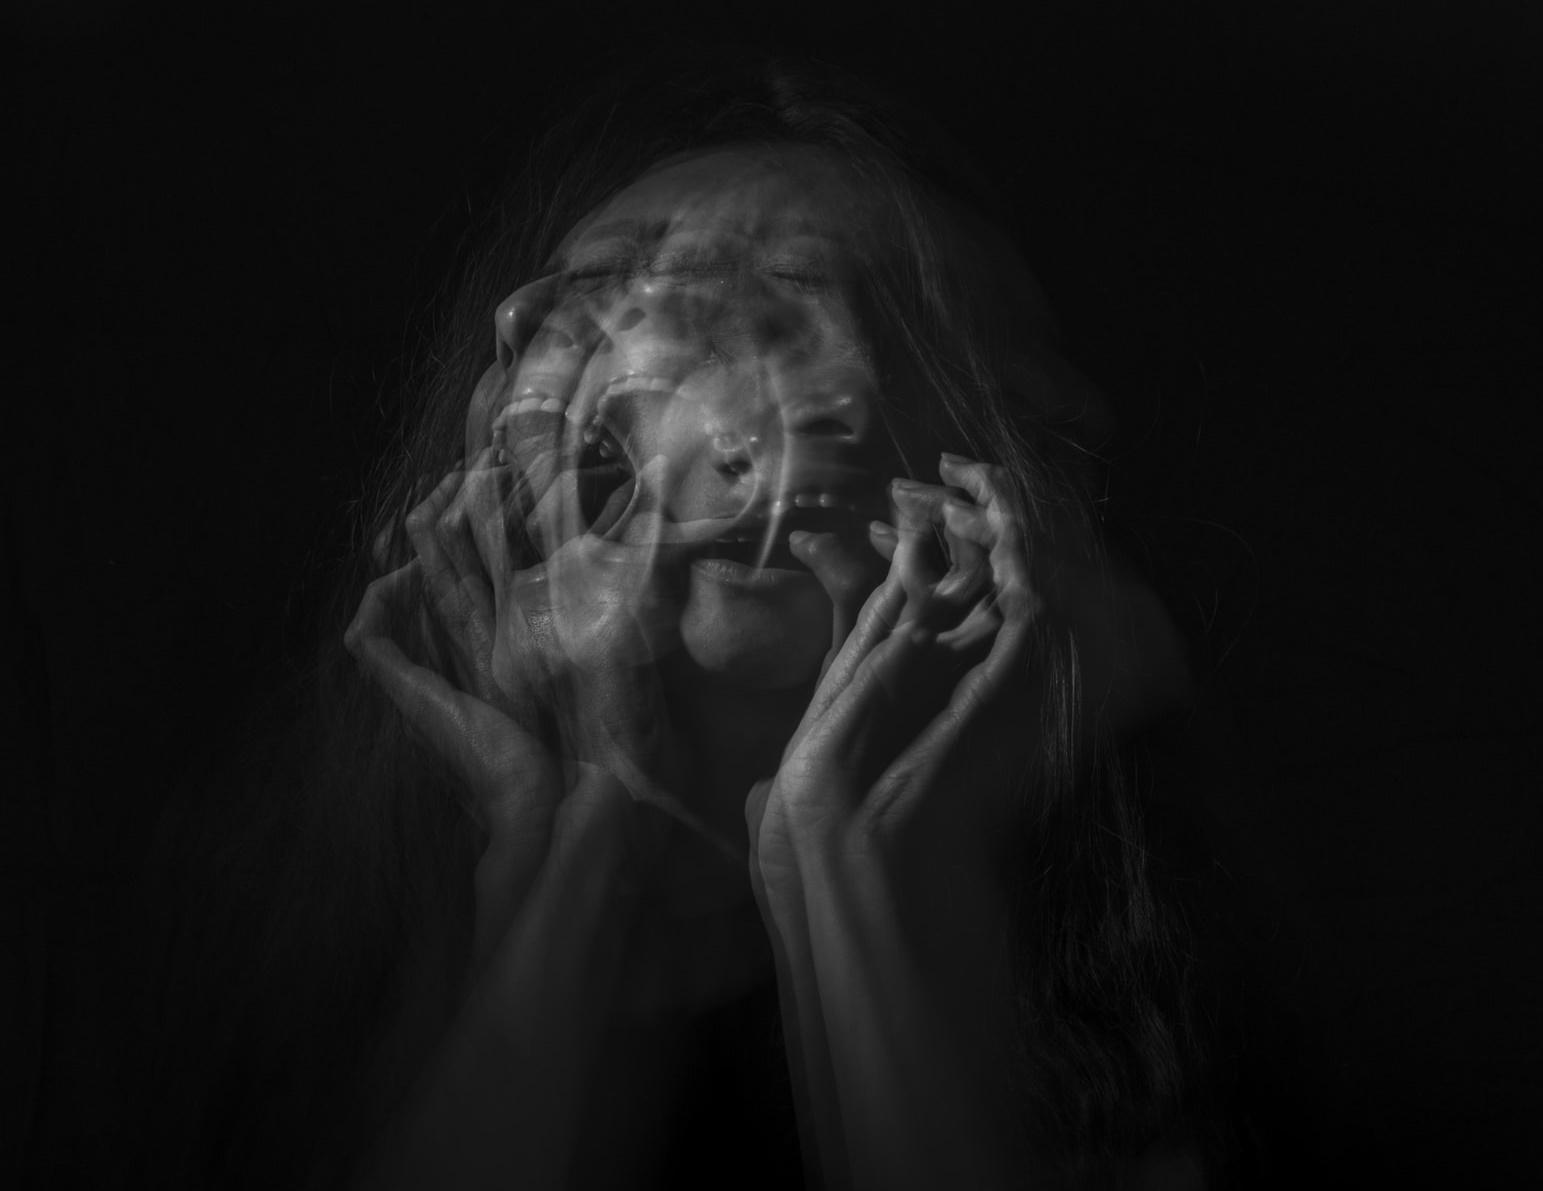 Mulher que mostra diversas emoções: tristeza, ansiedade, medo e angústia